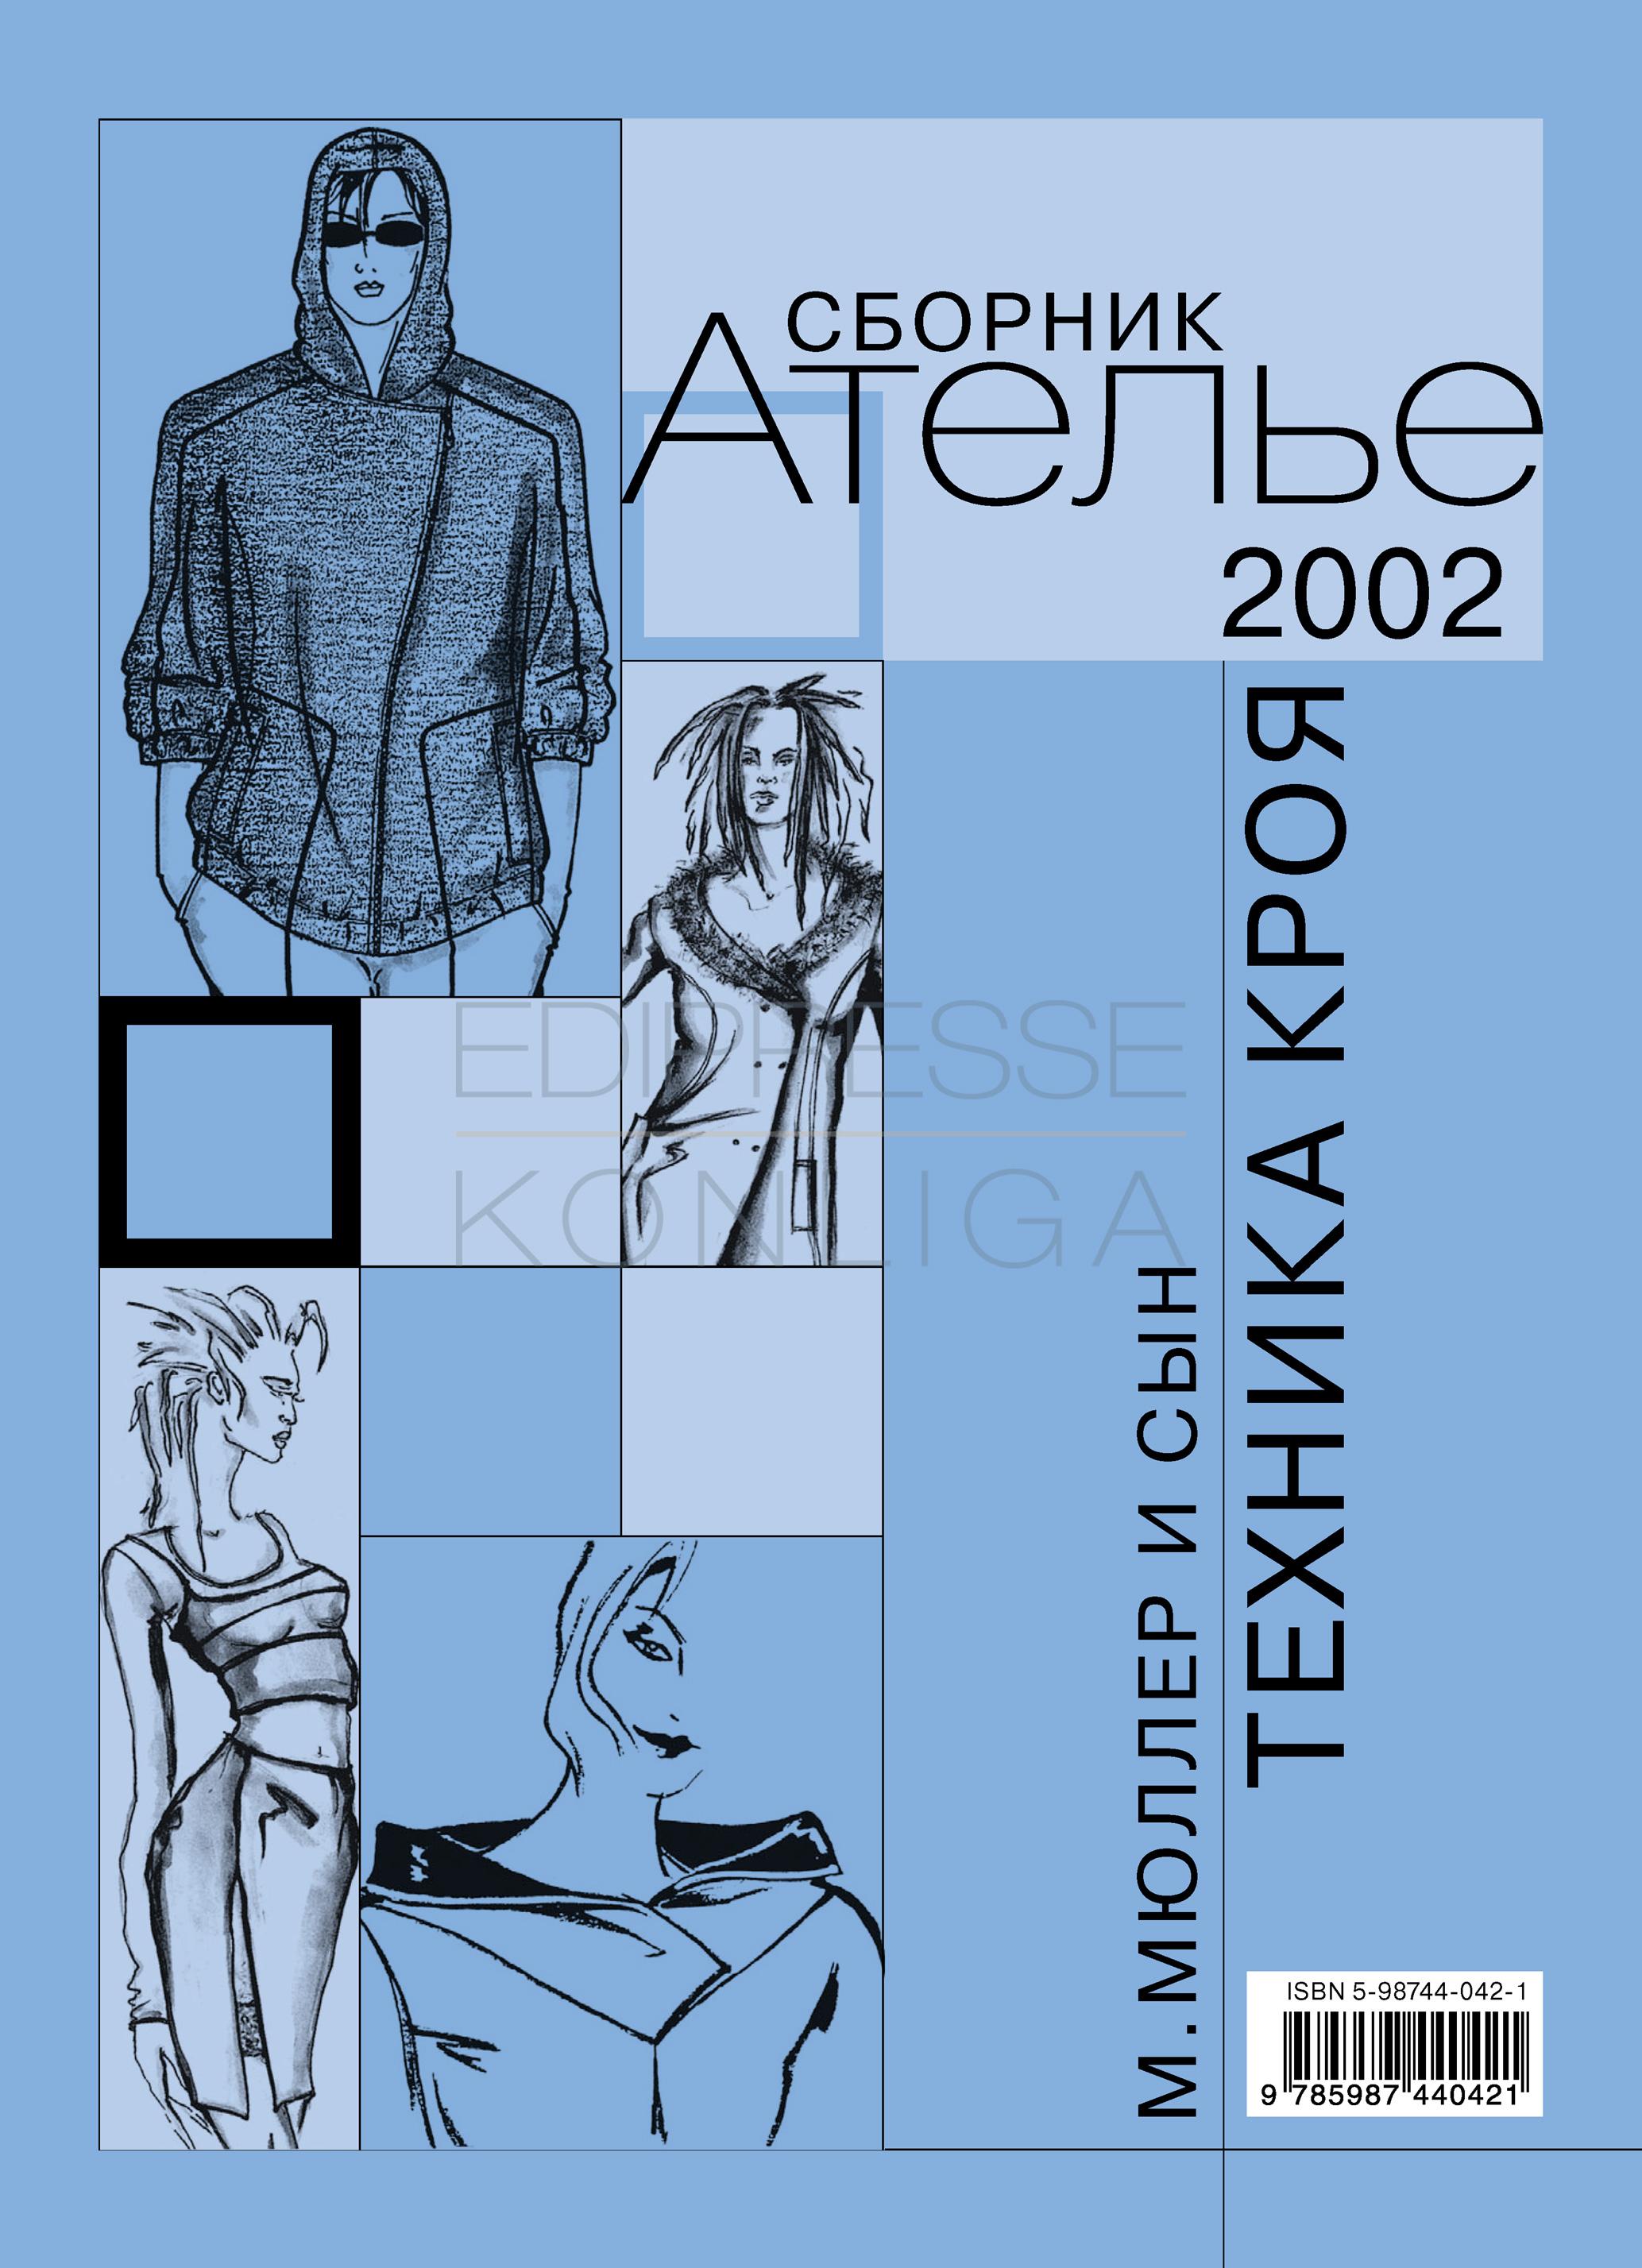 Сборник Сборник «Ателье – 2002». М.Мюллер и сын. Техника кроя